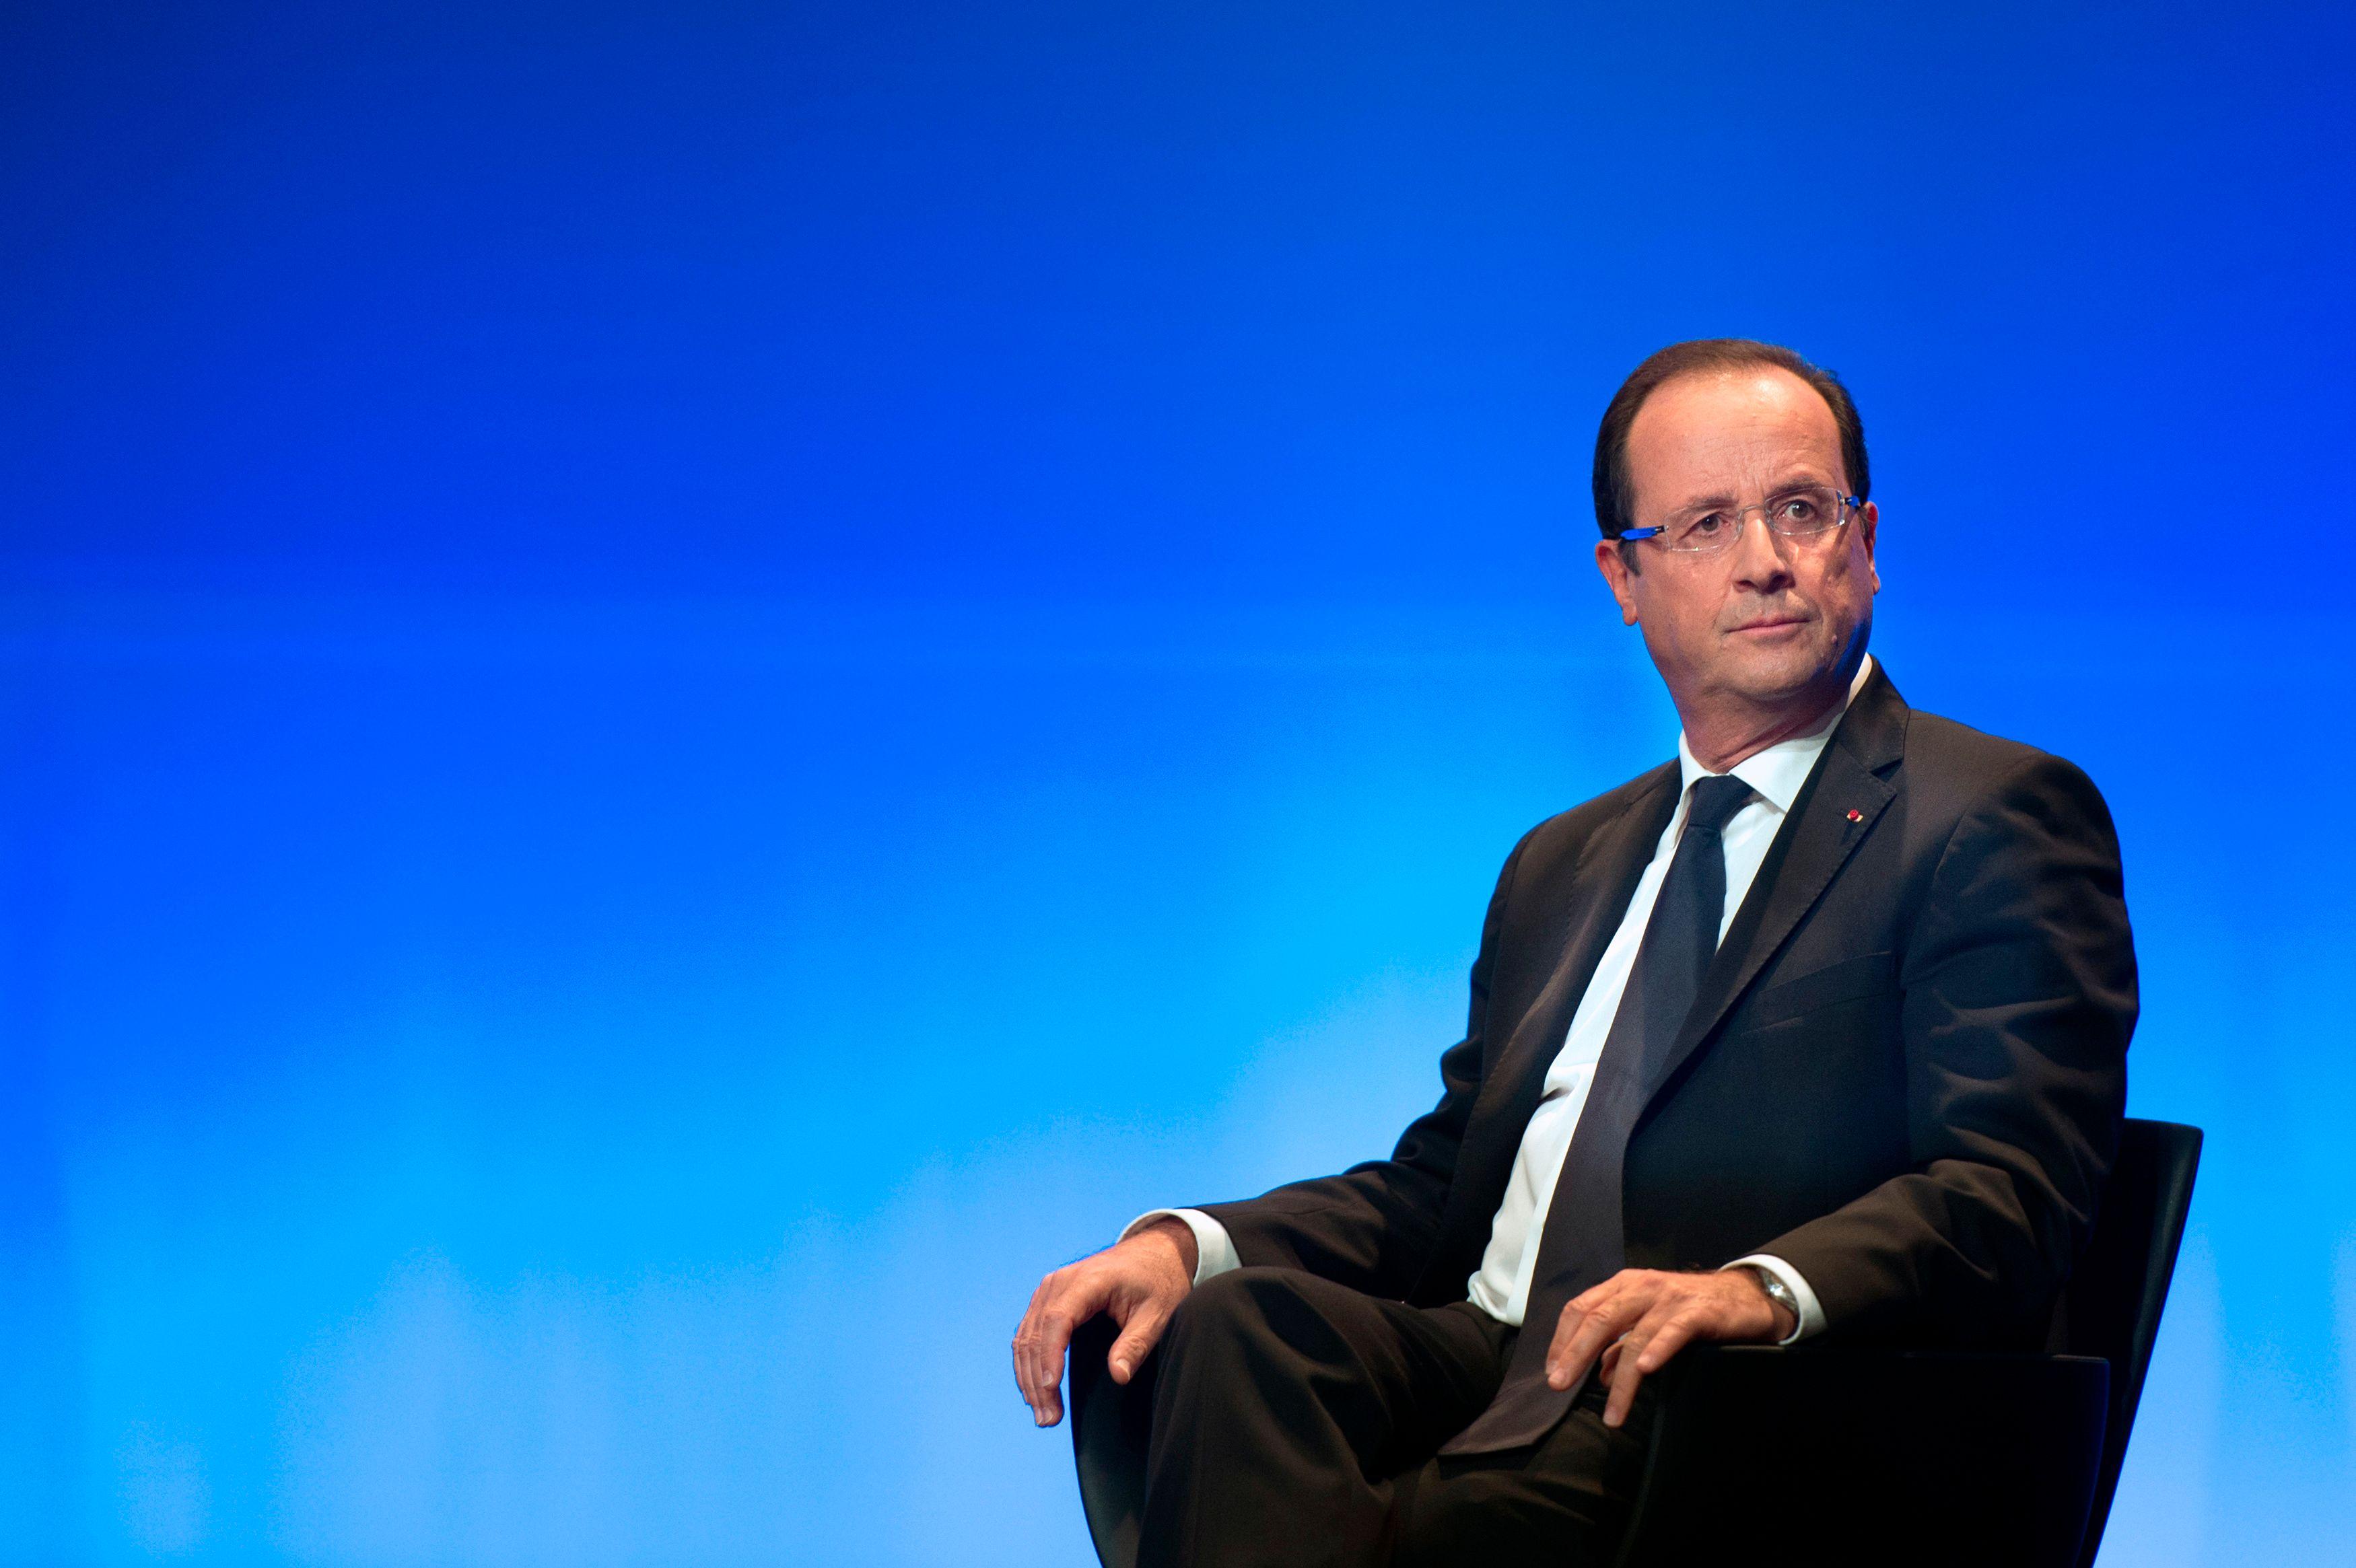 Les échecs de François Hollande nourrissent la grogne de l'opinion publique